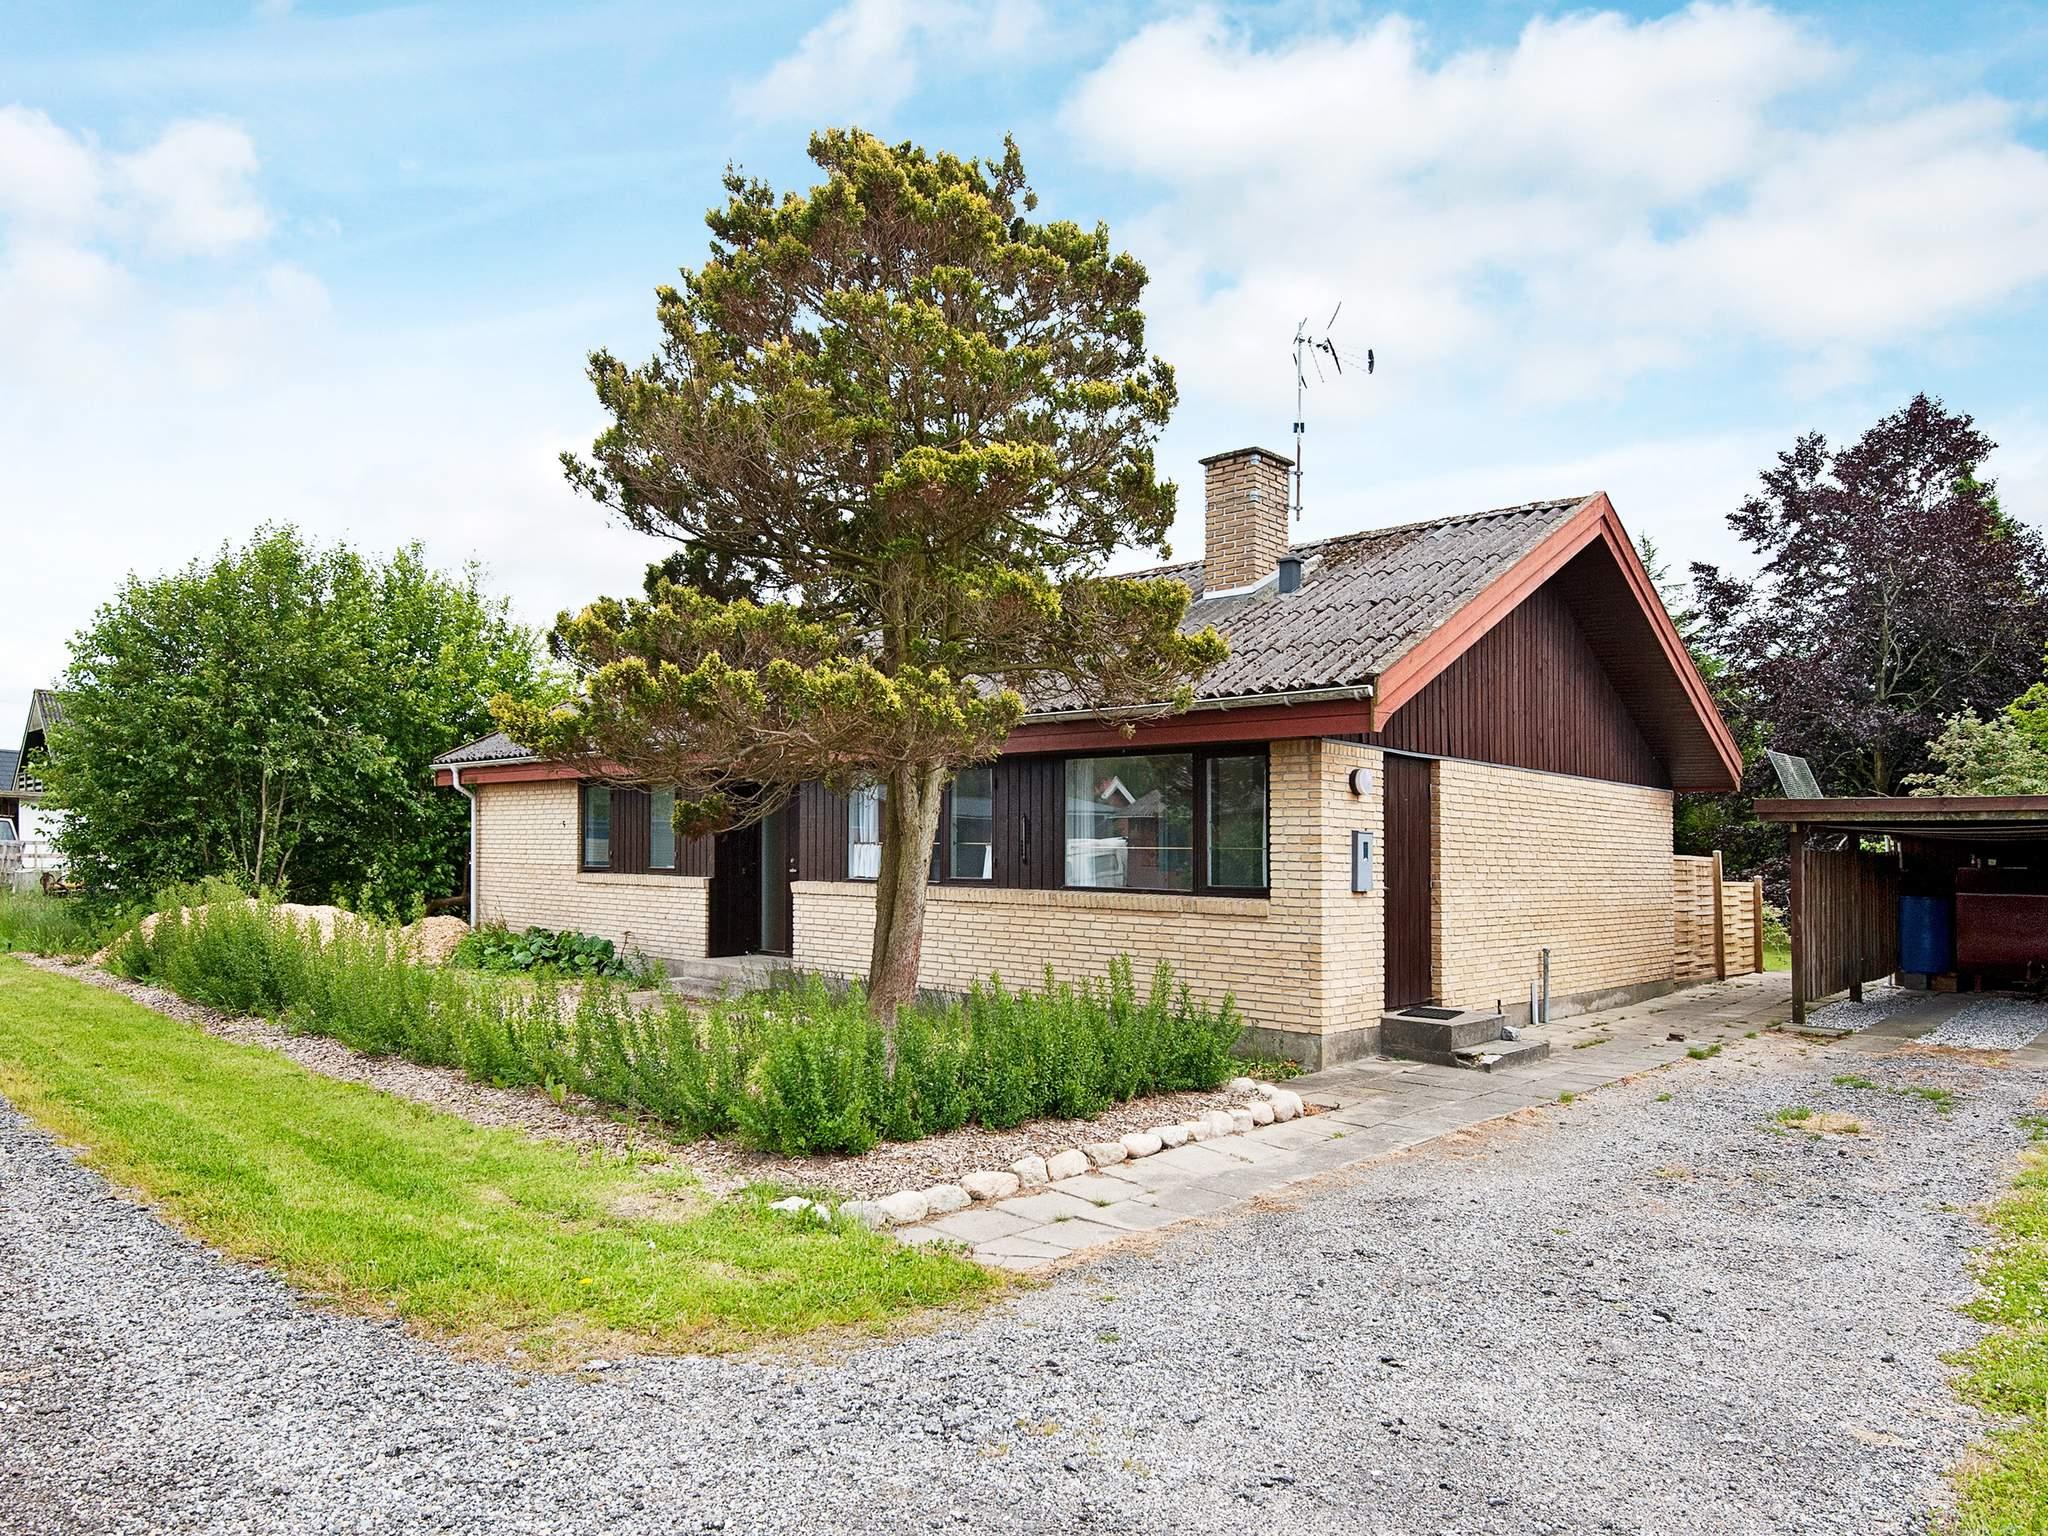 Ferienhaus Bønnerup Strand (1509341), Bønnerup, , Ostjütland, Dänemark, Bild 5